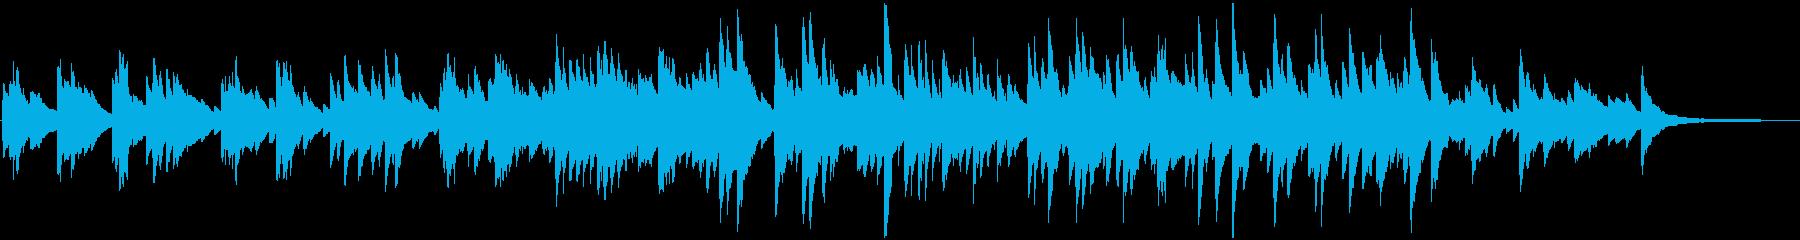 印象的なメロディの温かなピアノソロの再生済みの波形